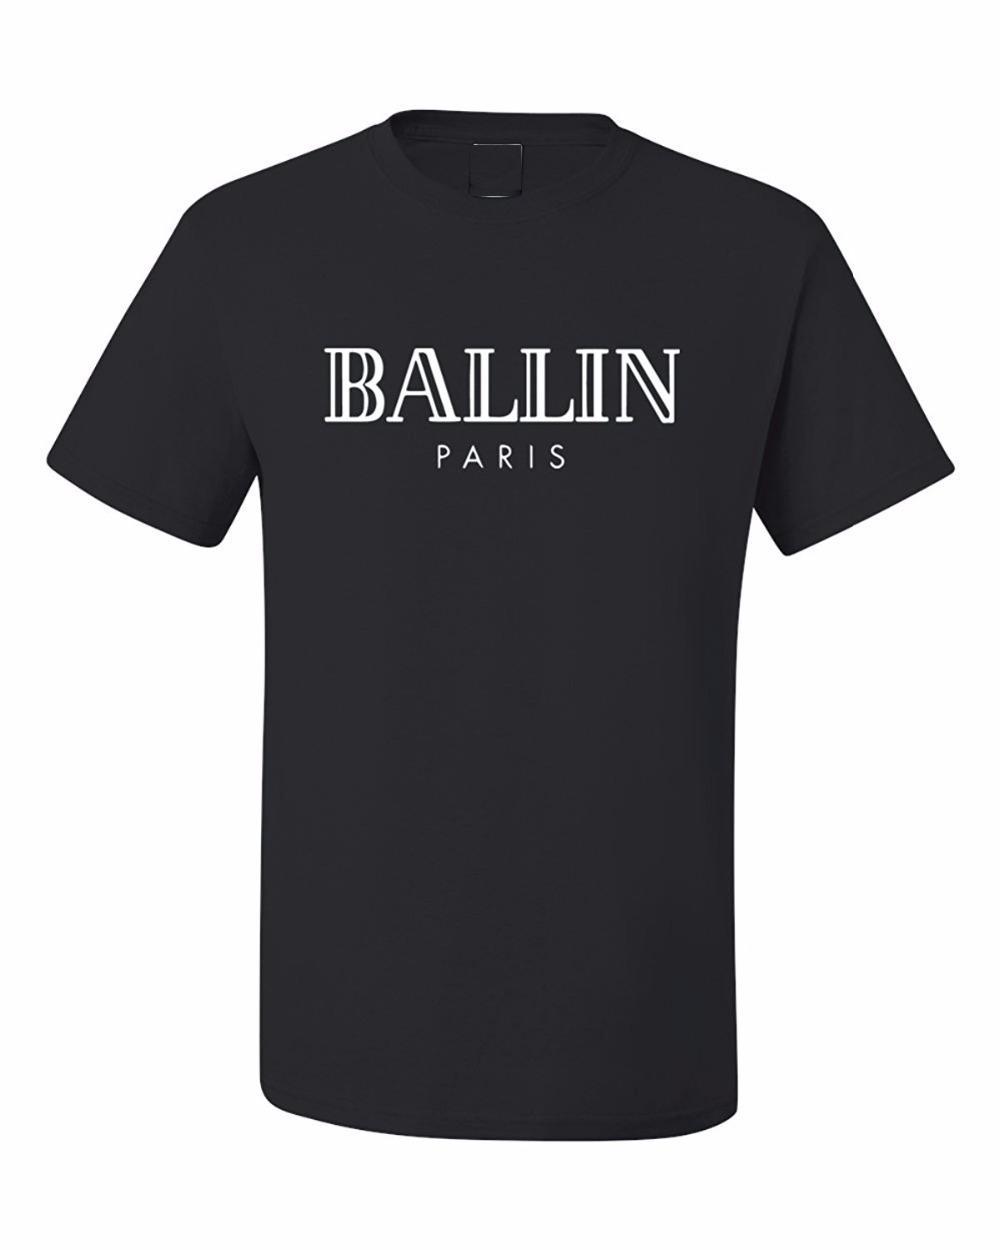 2019 Sommer-Männer Marken-Kleidung O-Ansatz Ballin Paris Urban Fashion Graphic Unisex T-Shirt mit Print Men Kurzarm-T-Shirt